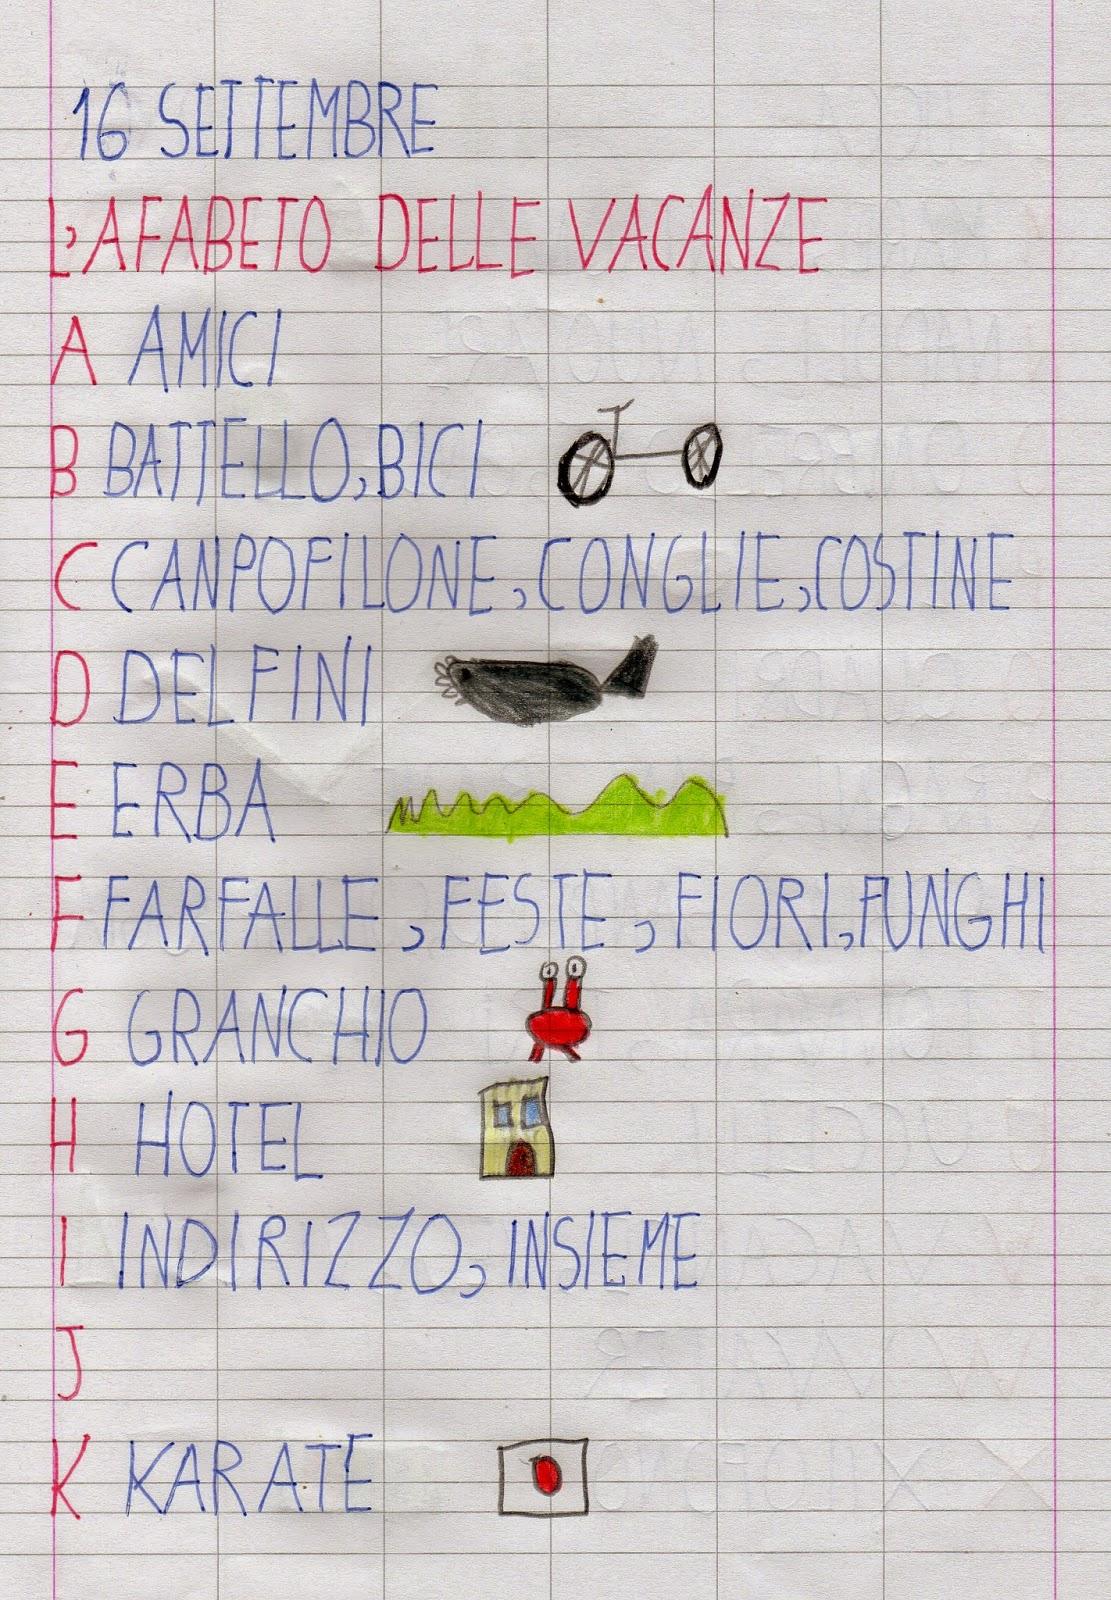 Apedario l 39 alfabeto delle vacanze - Parole uguali con significati diversi ...